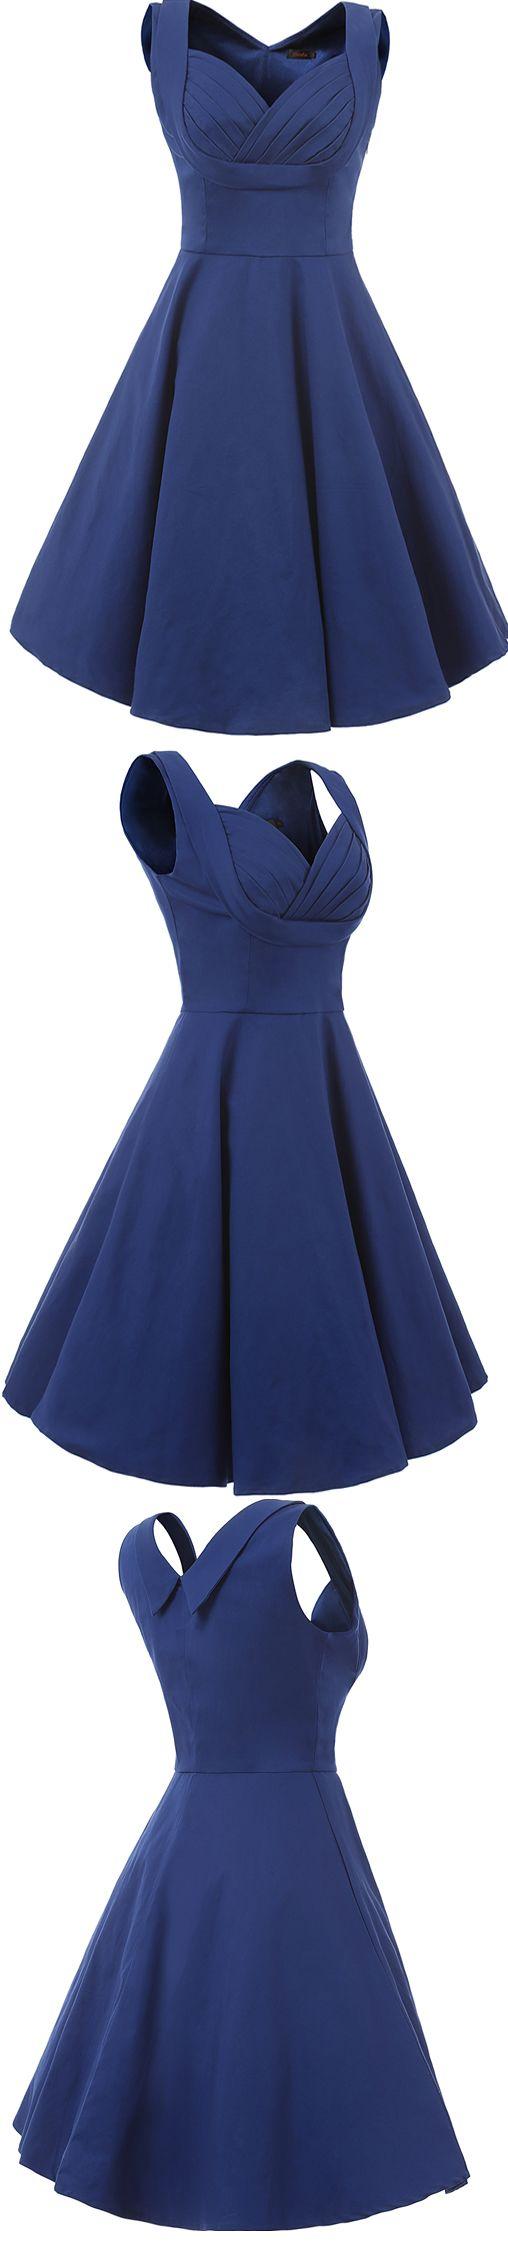 Vianla Women's 1950s V Neck Vintage Cut Out Casual Party Cocktail Dresses, 50S dress #Vintage dresses 1950s dress